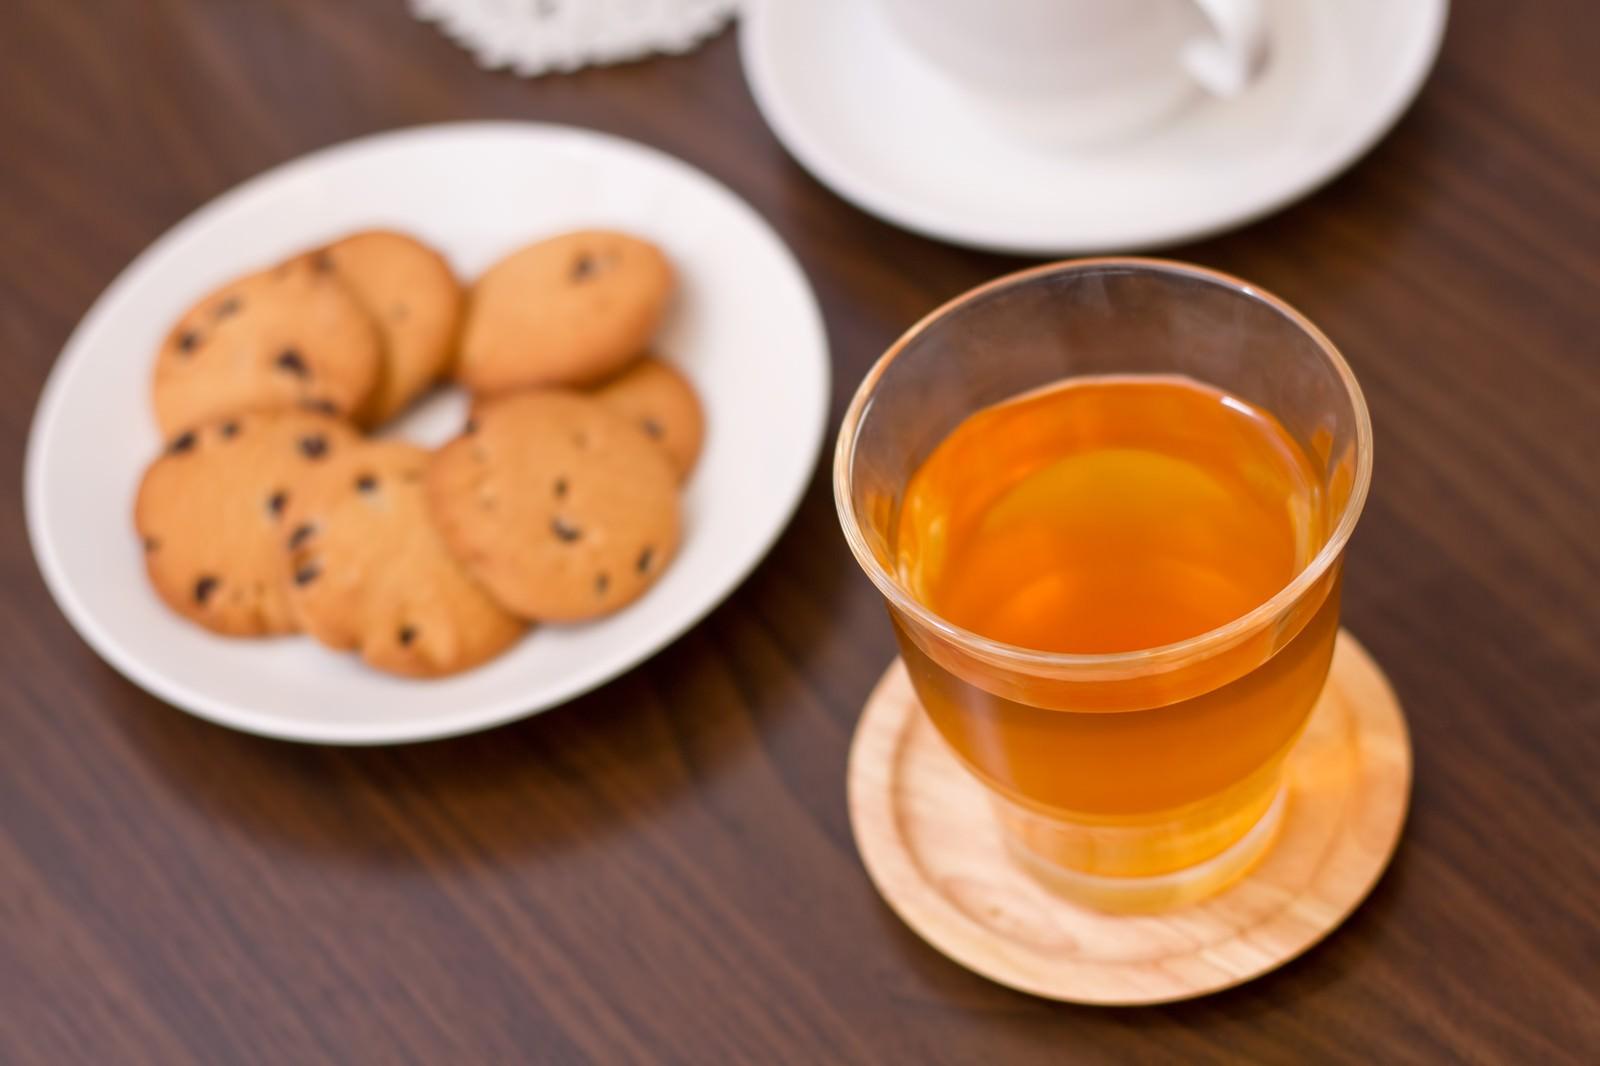 「紅茶とクッキーのティータイム」の写真